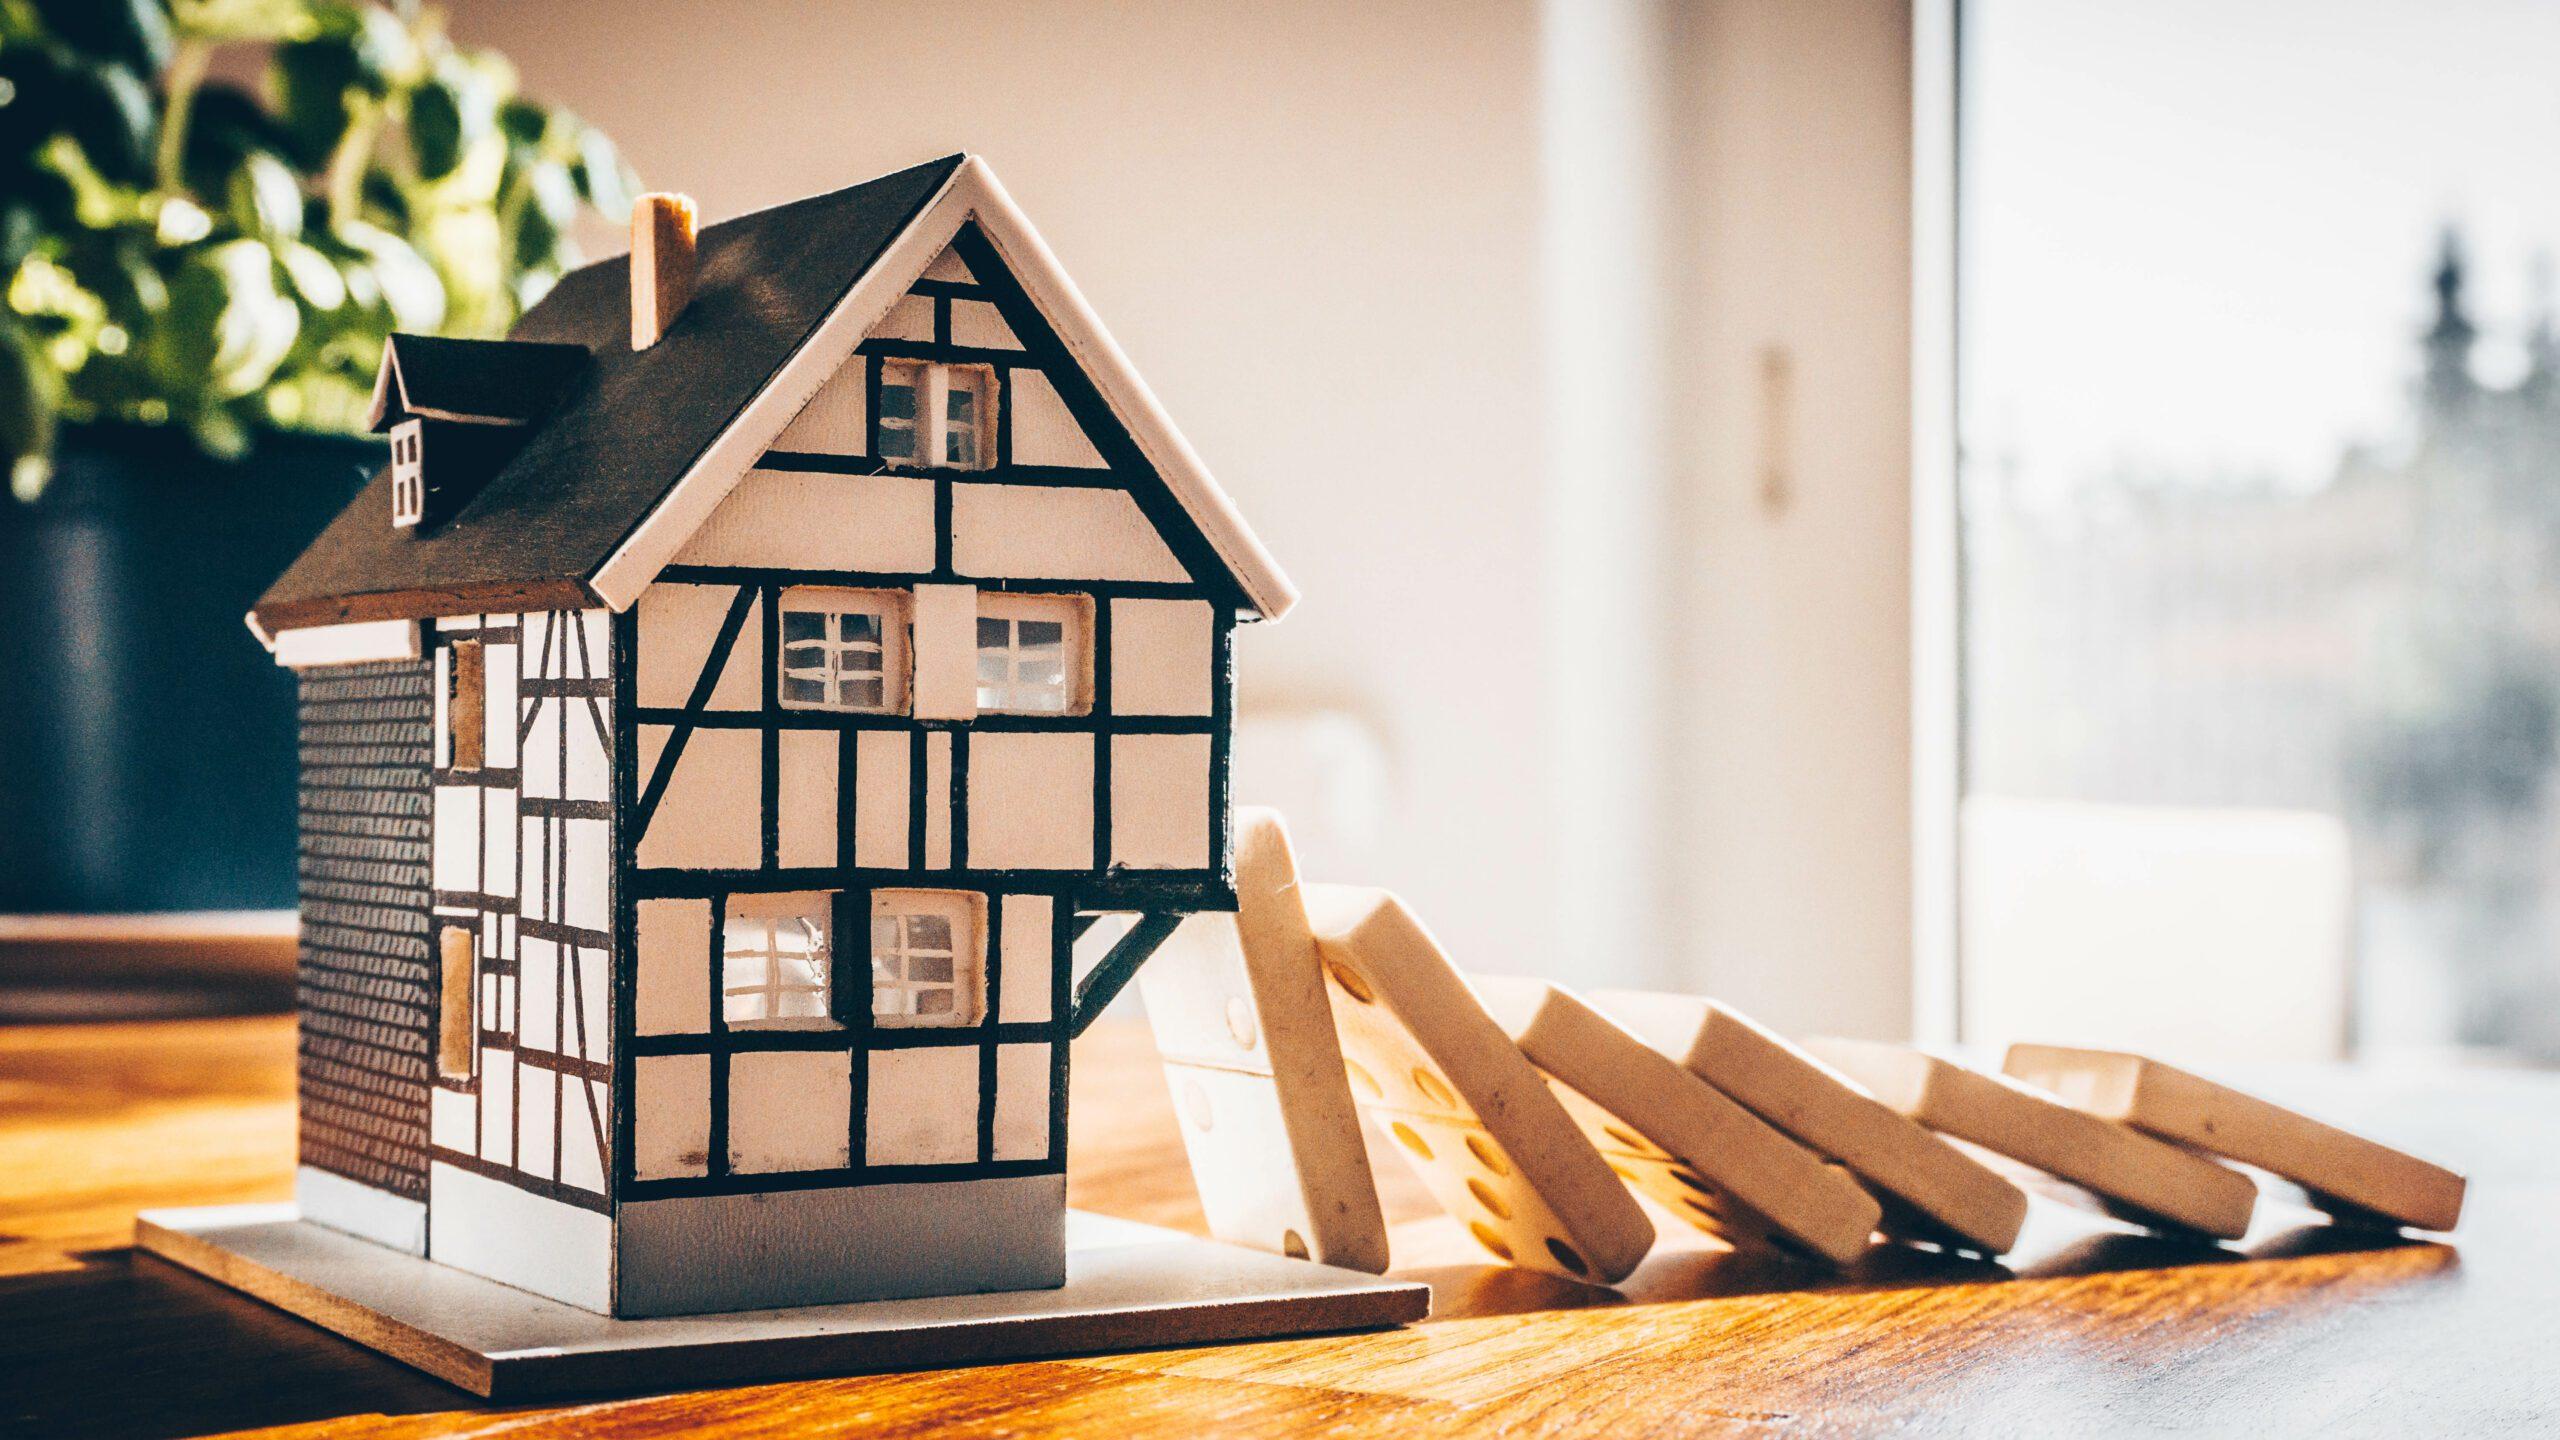 Immobilienverkauf in Coronazeiten